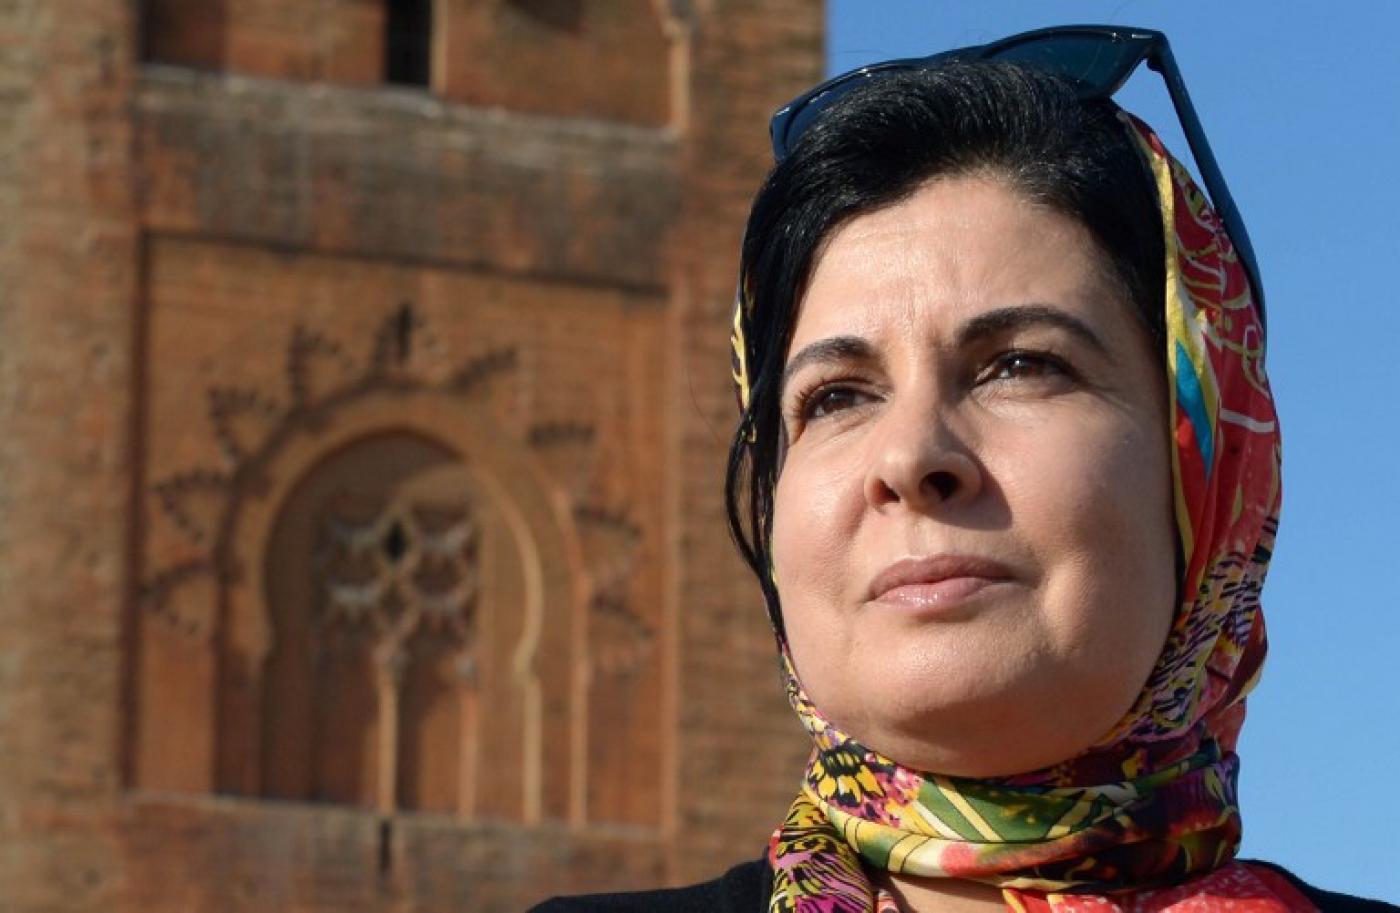 Беседа с марокканской исламской феминисткой Асмой Ламрабет: Эмансипация через новое прочтение Корана